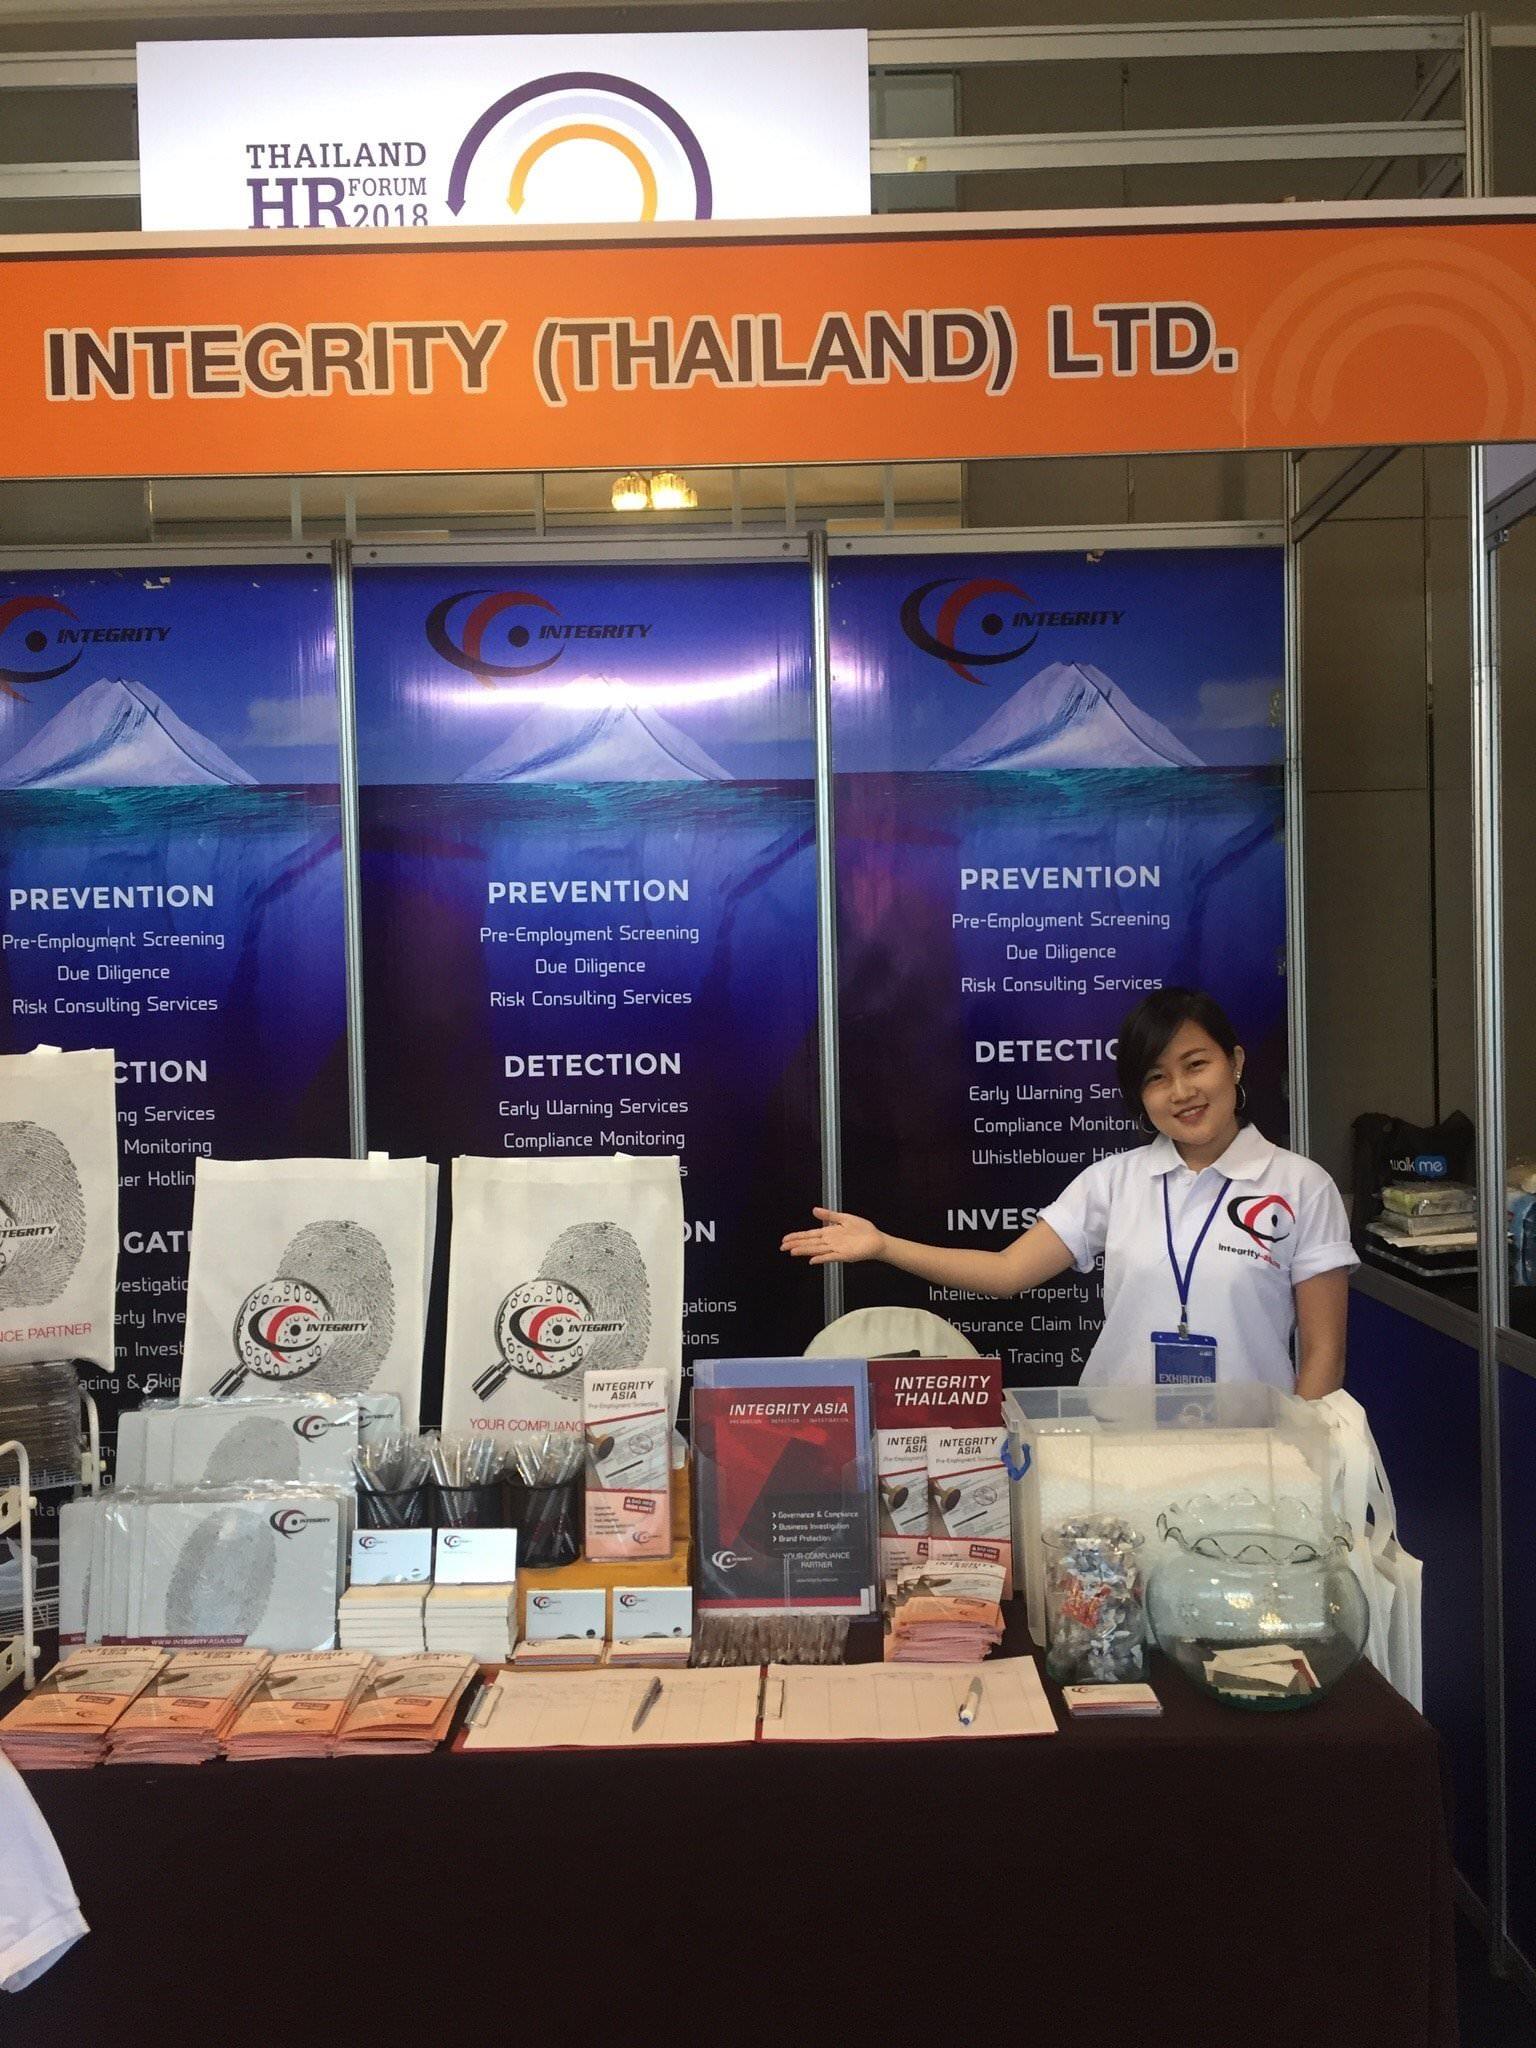 thailand hr forum 2018 integrity thailand